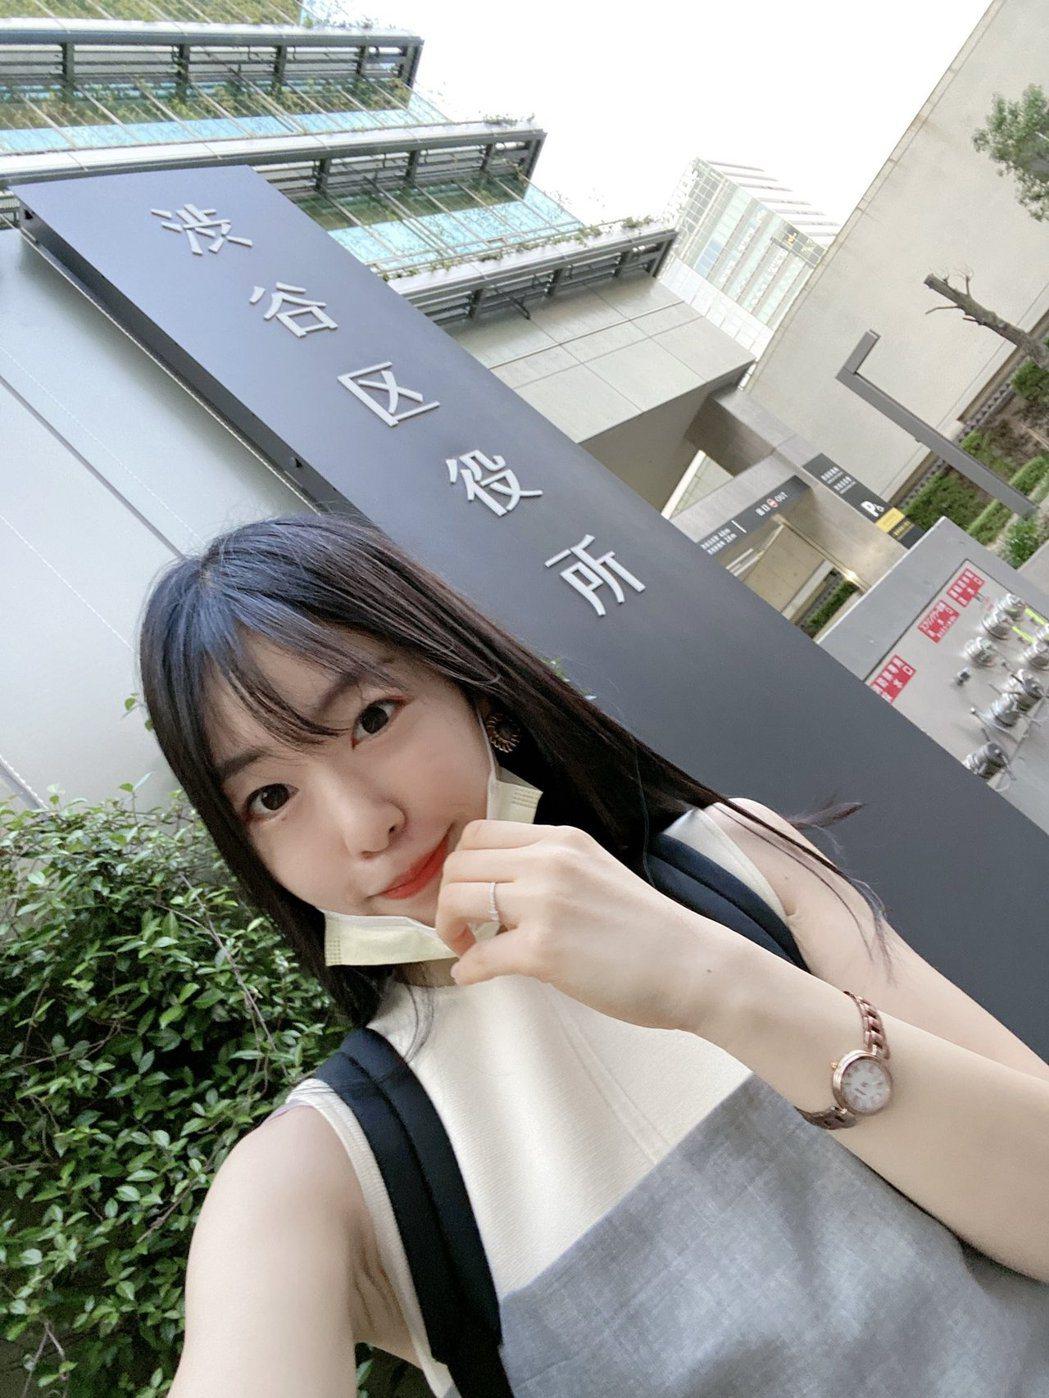 橋本侑樹現在是澀谷區議會議員。 圖/擷自橋本侑樹推特